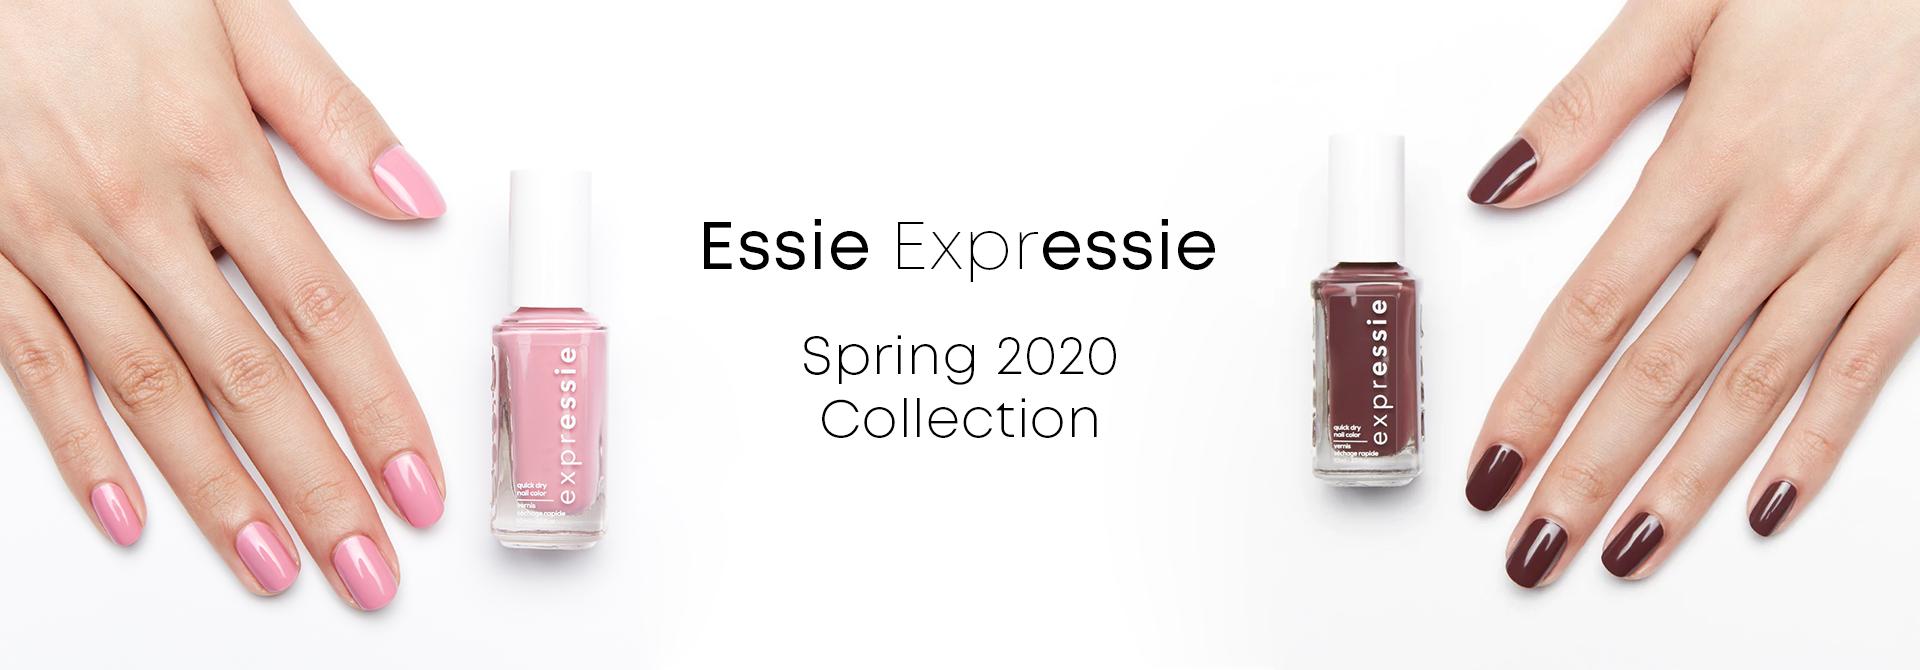 Βερνίκια Νυχιών - Essie - Προϊόντα Περιποίησης Μαλλιών